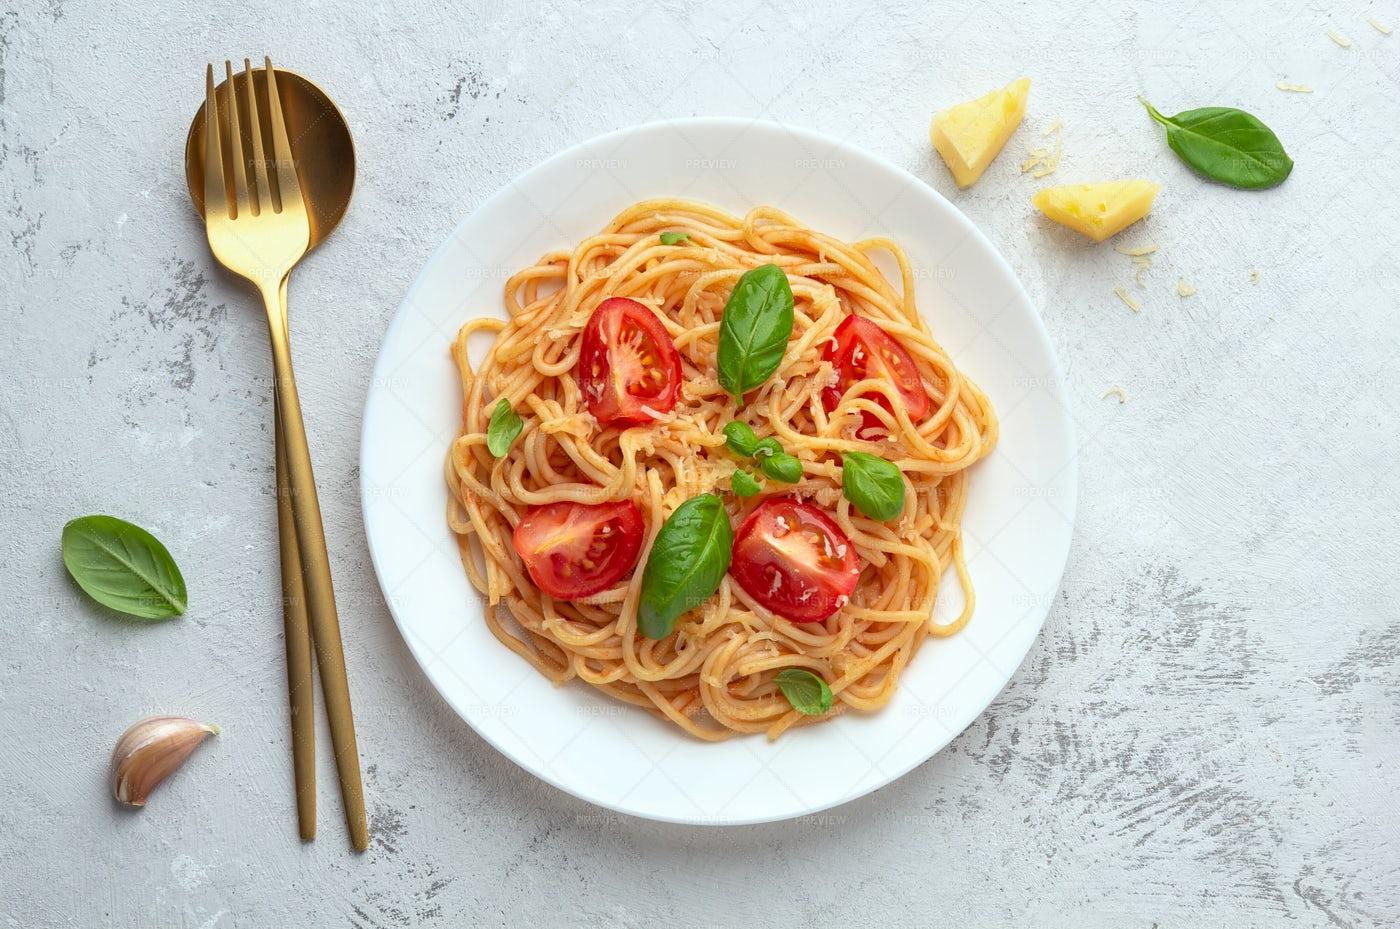 Spaghetti In Tomato Sauce: Stock Photos